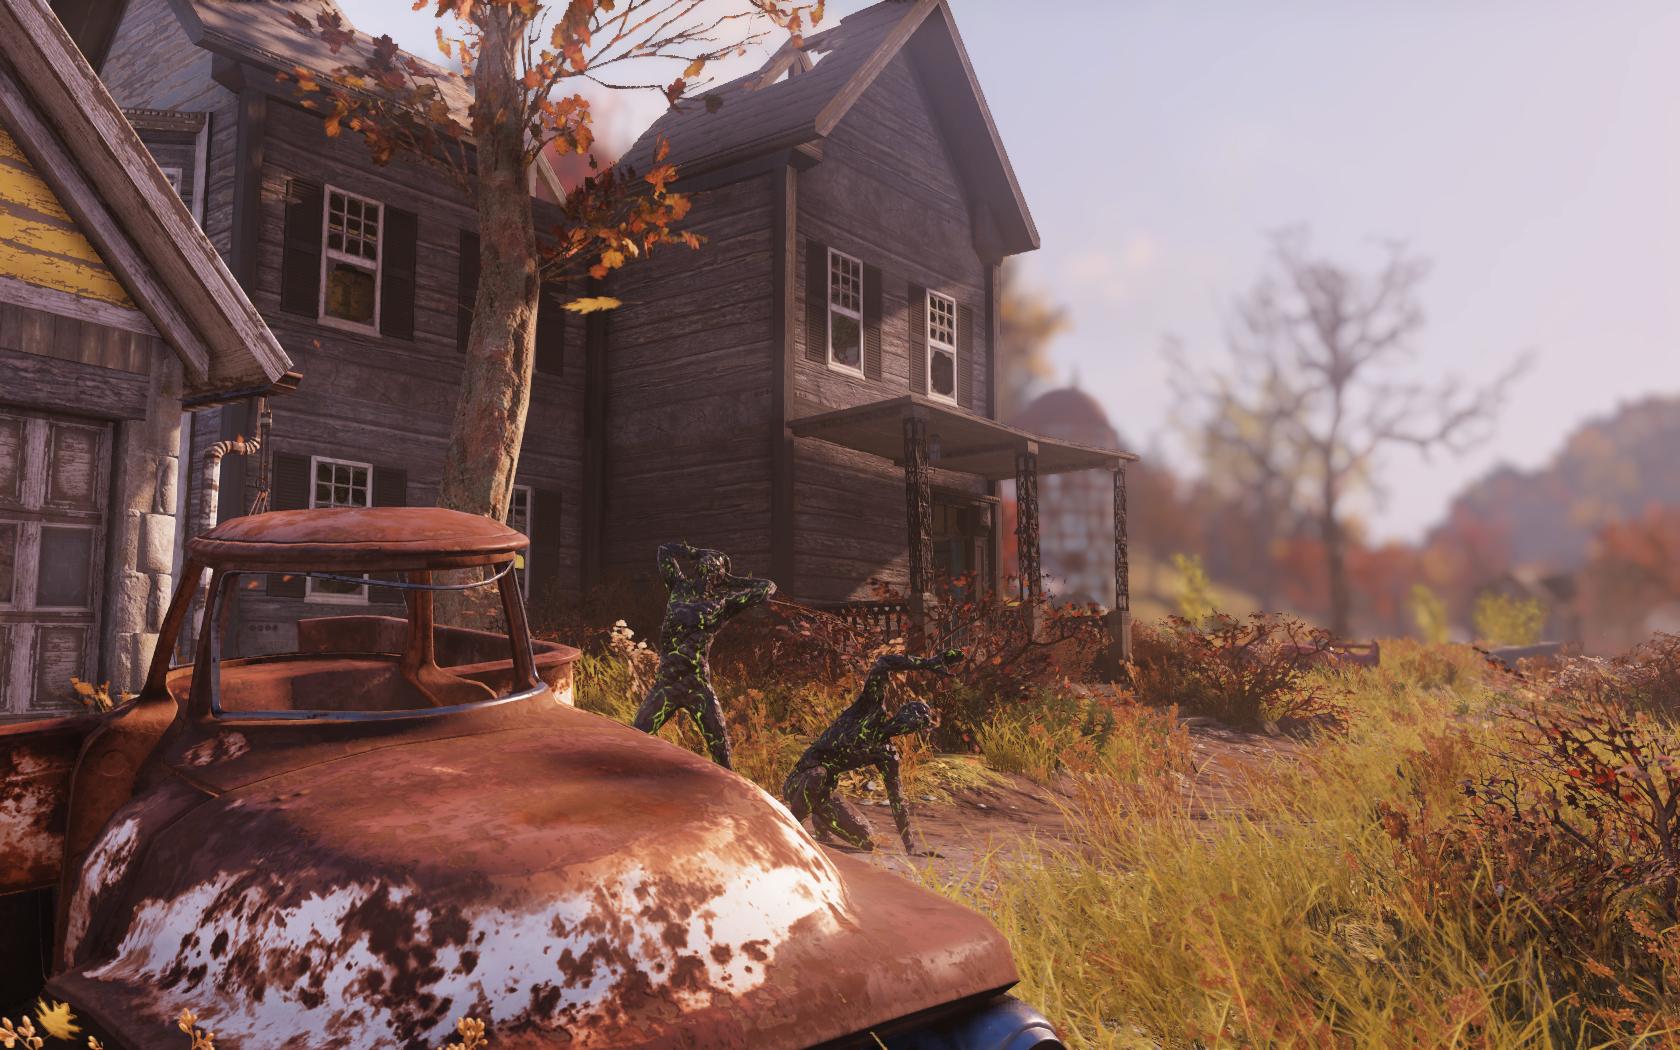 Fallout76 Screenshot 2018.11.18 - 12.29.04.08.png